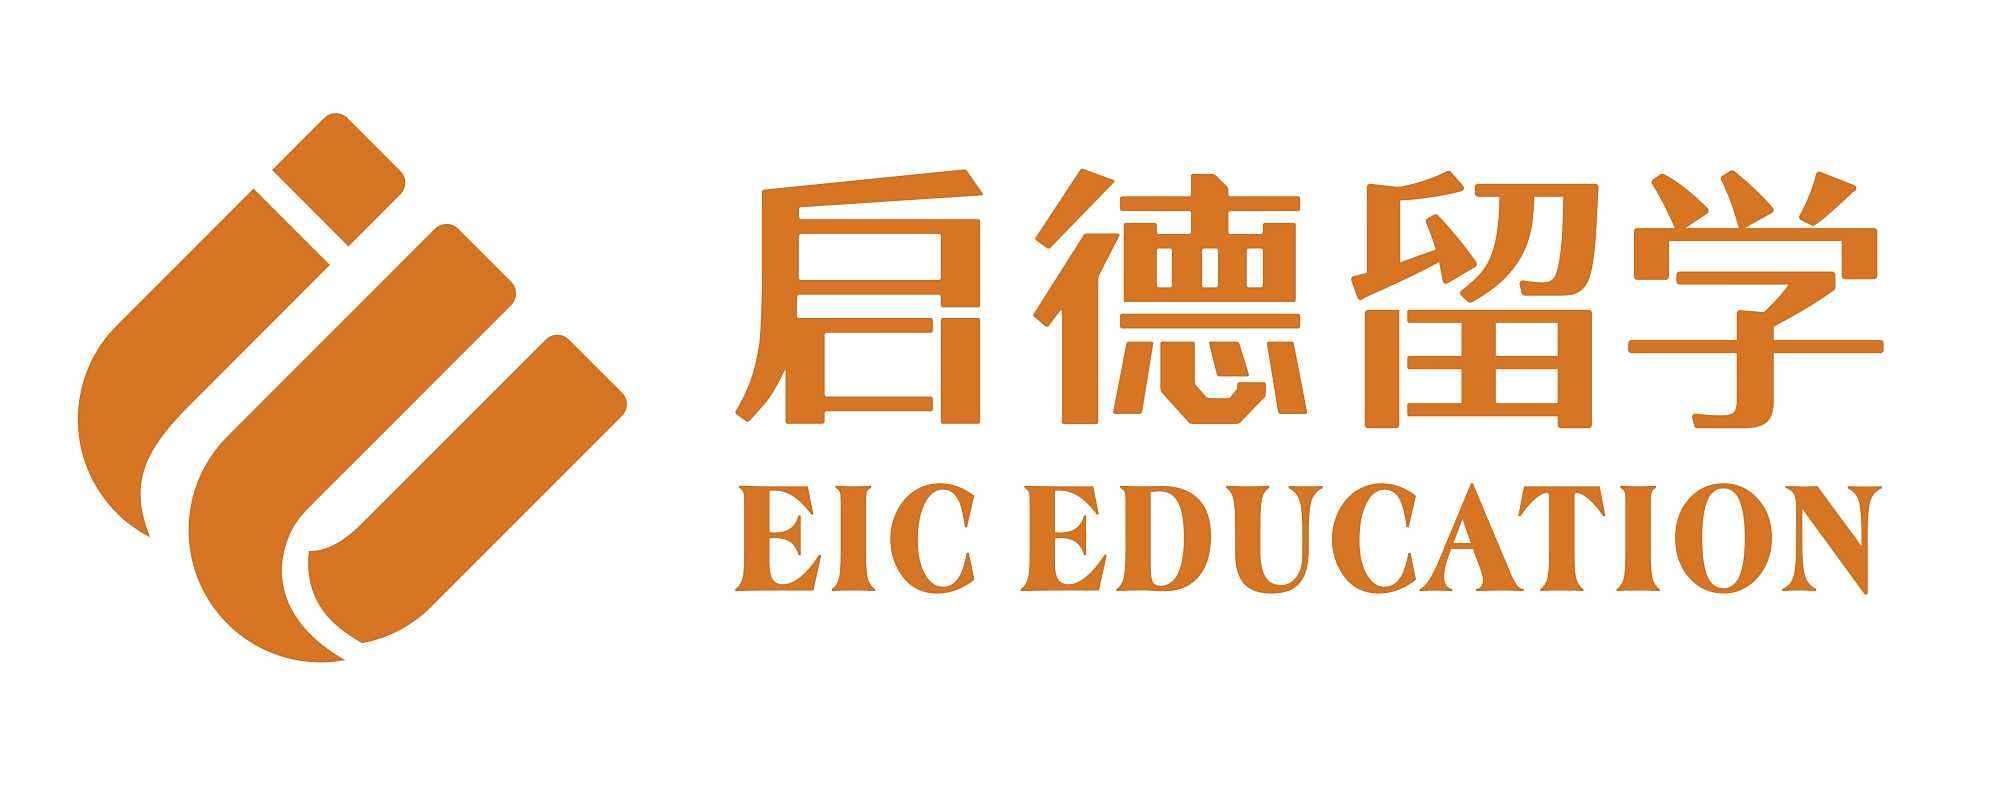 启德留学杭州高校赞助来袭,赞助商,企业赞助,找赞助